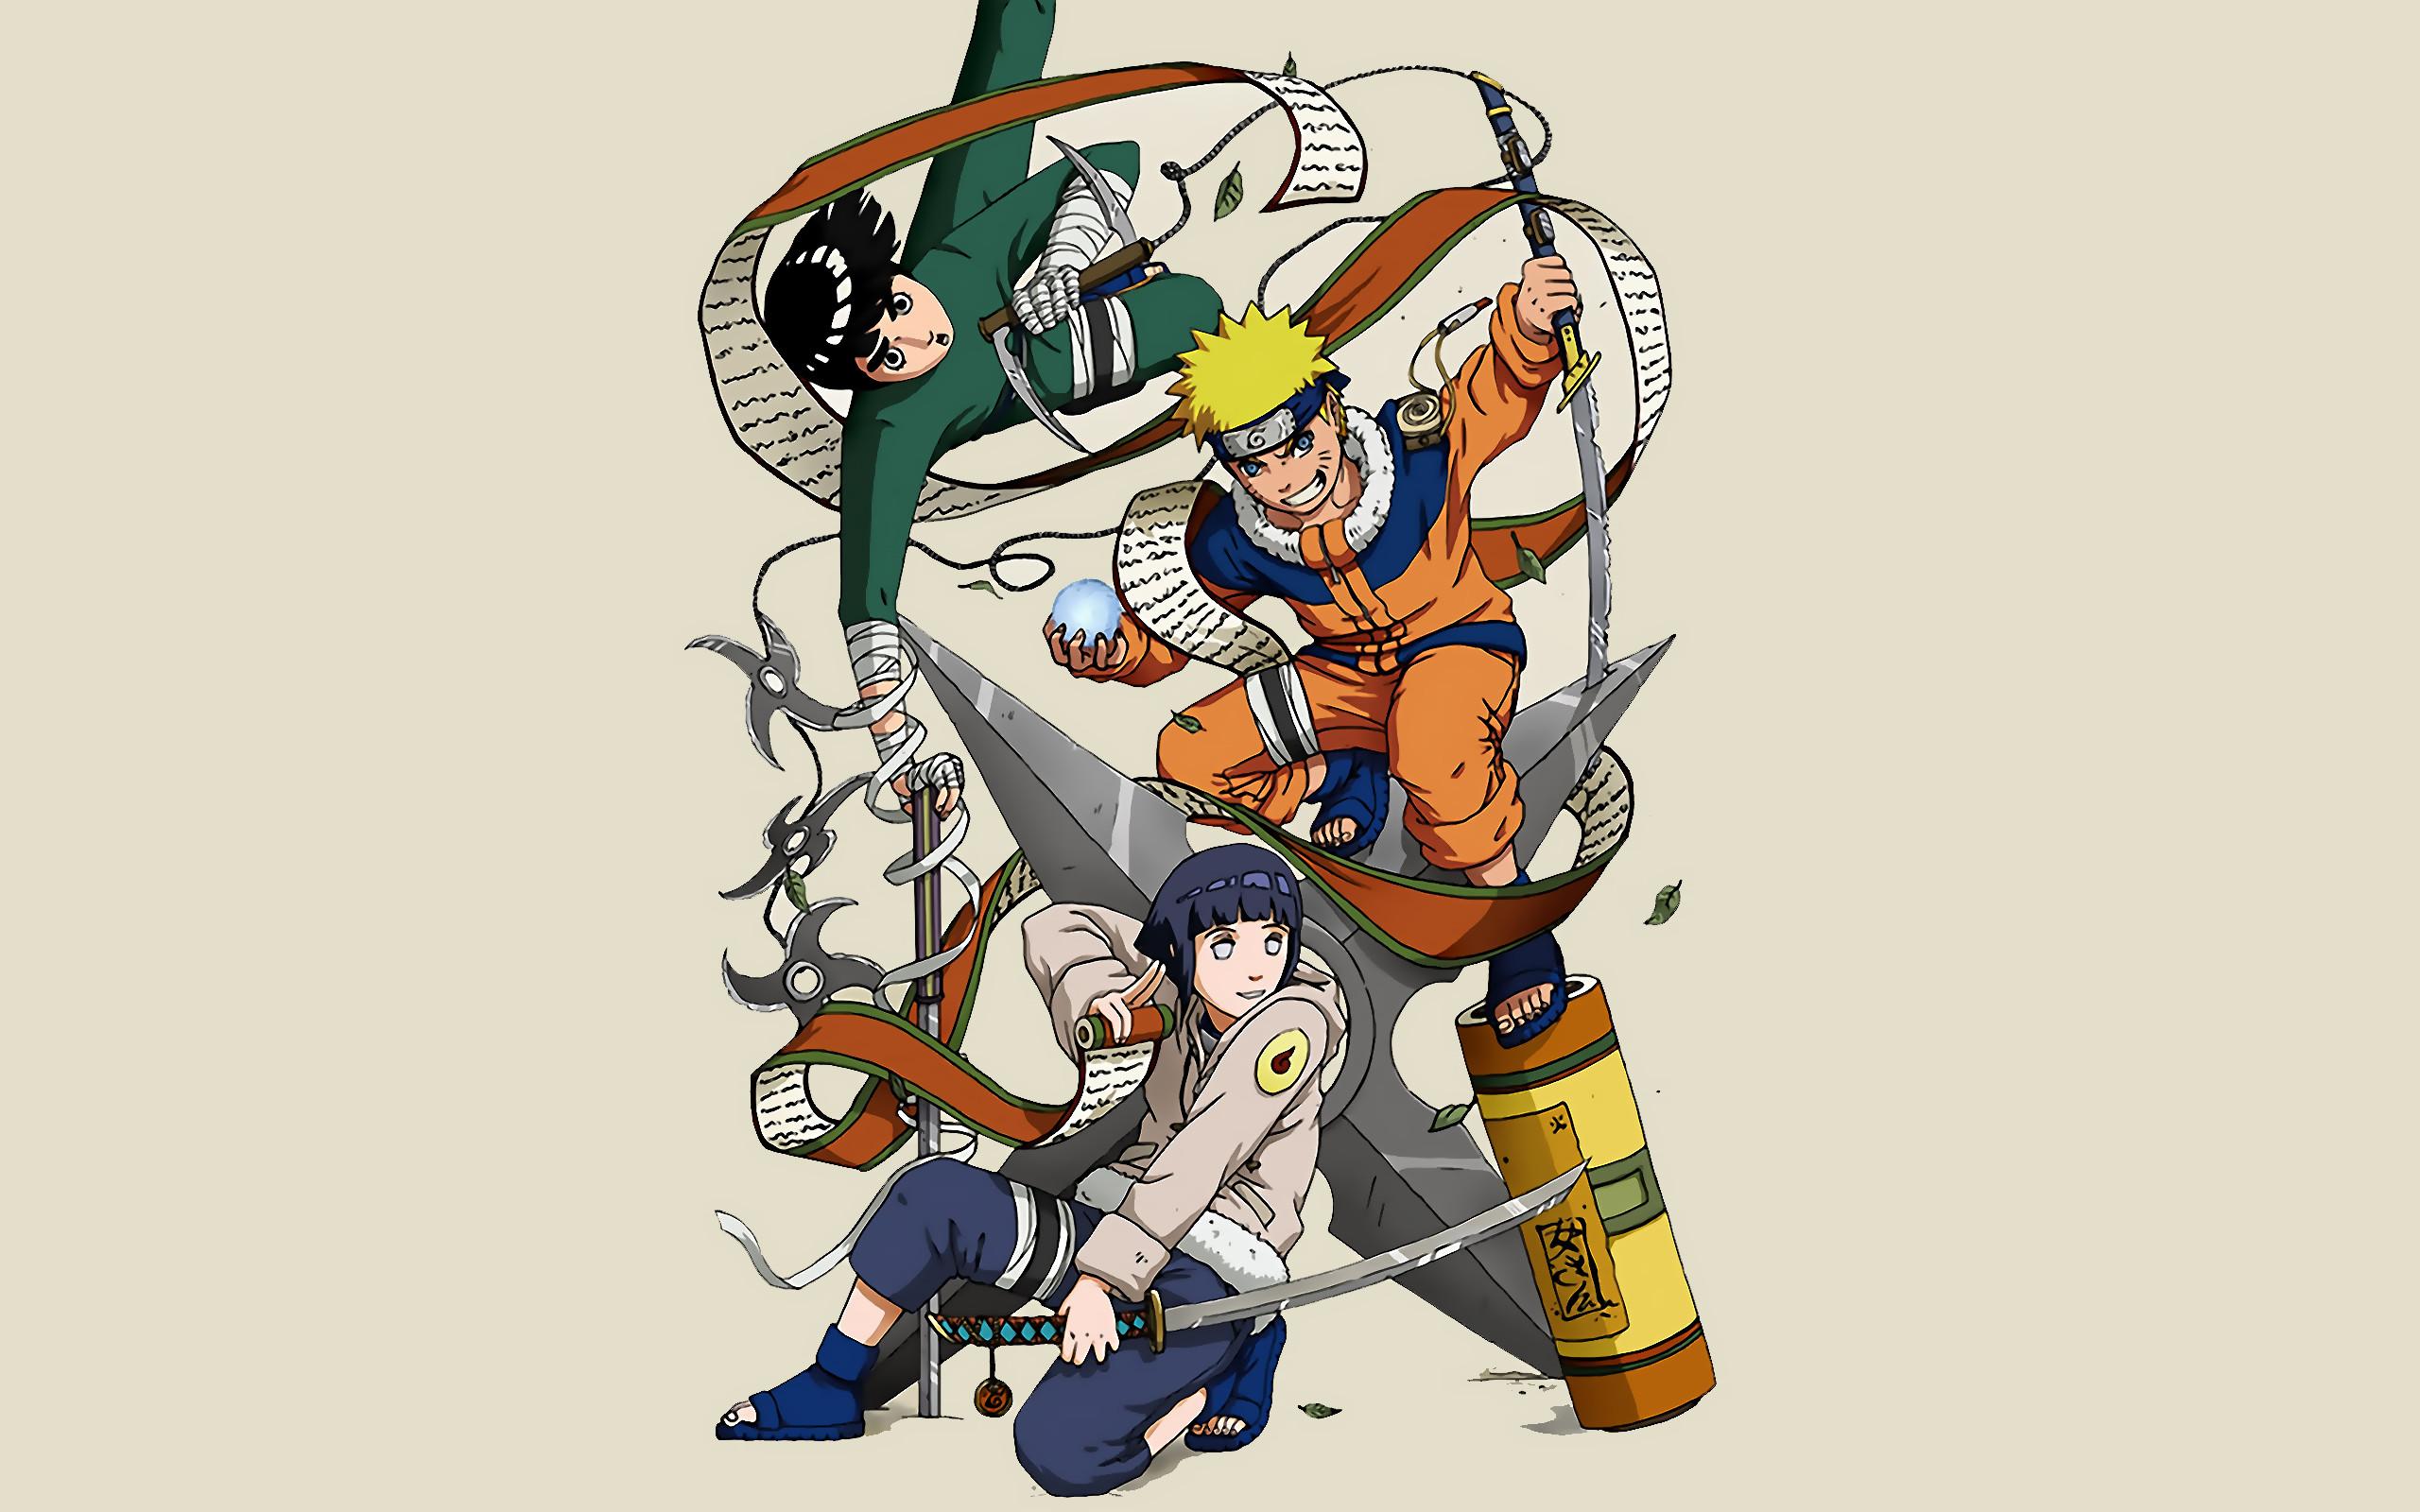 Res: 2560x1600, Naruto shippuden hyuuga hinata rock lee naruto uzumaki ninja scroll  wallpaper |  | 19098 | WallpaperUP